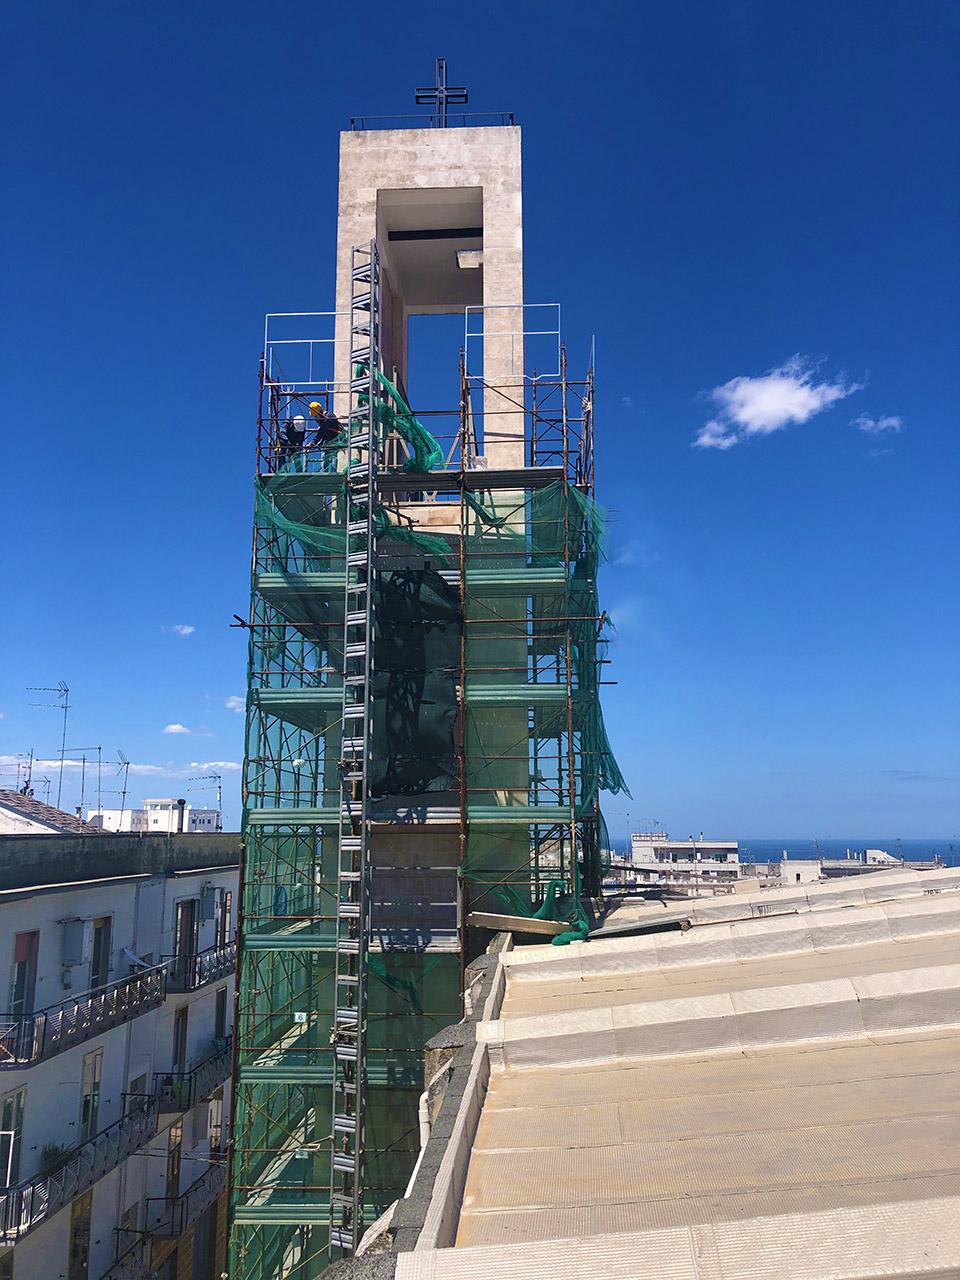 costruzioni restauri sirio ostuni campanile chiesa santuario santi medici cosma damiano ostuni img 0860 1